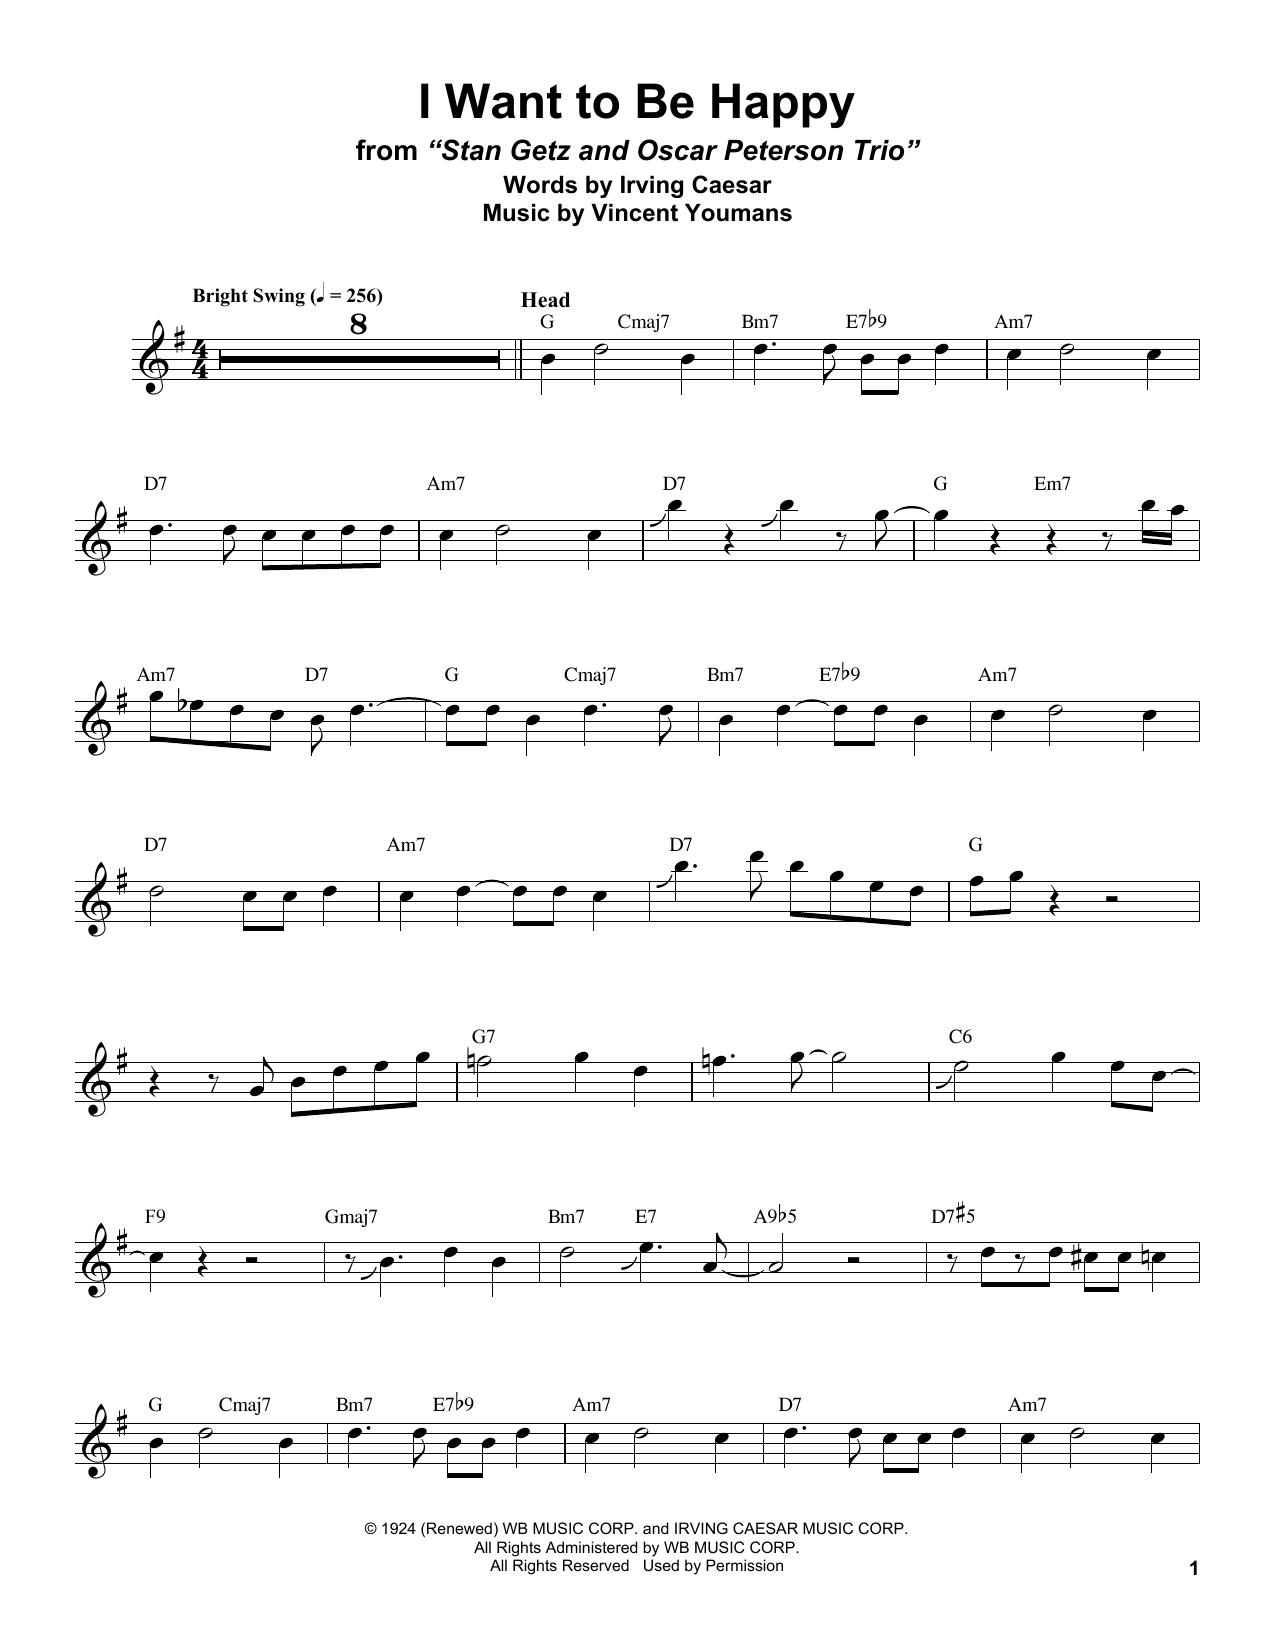 I Want To Be Happy (Tenor Sax Transcription)